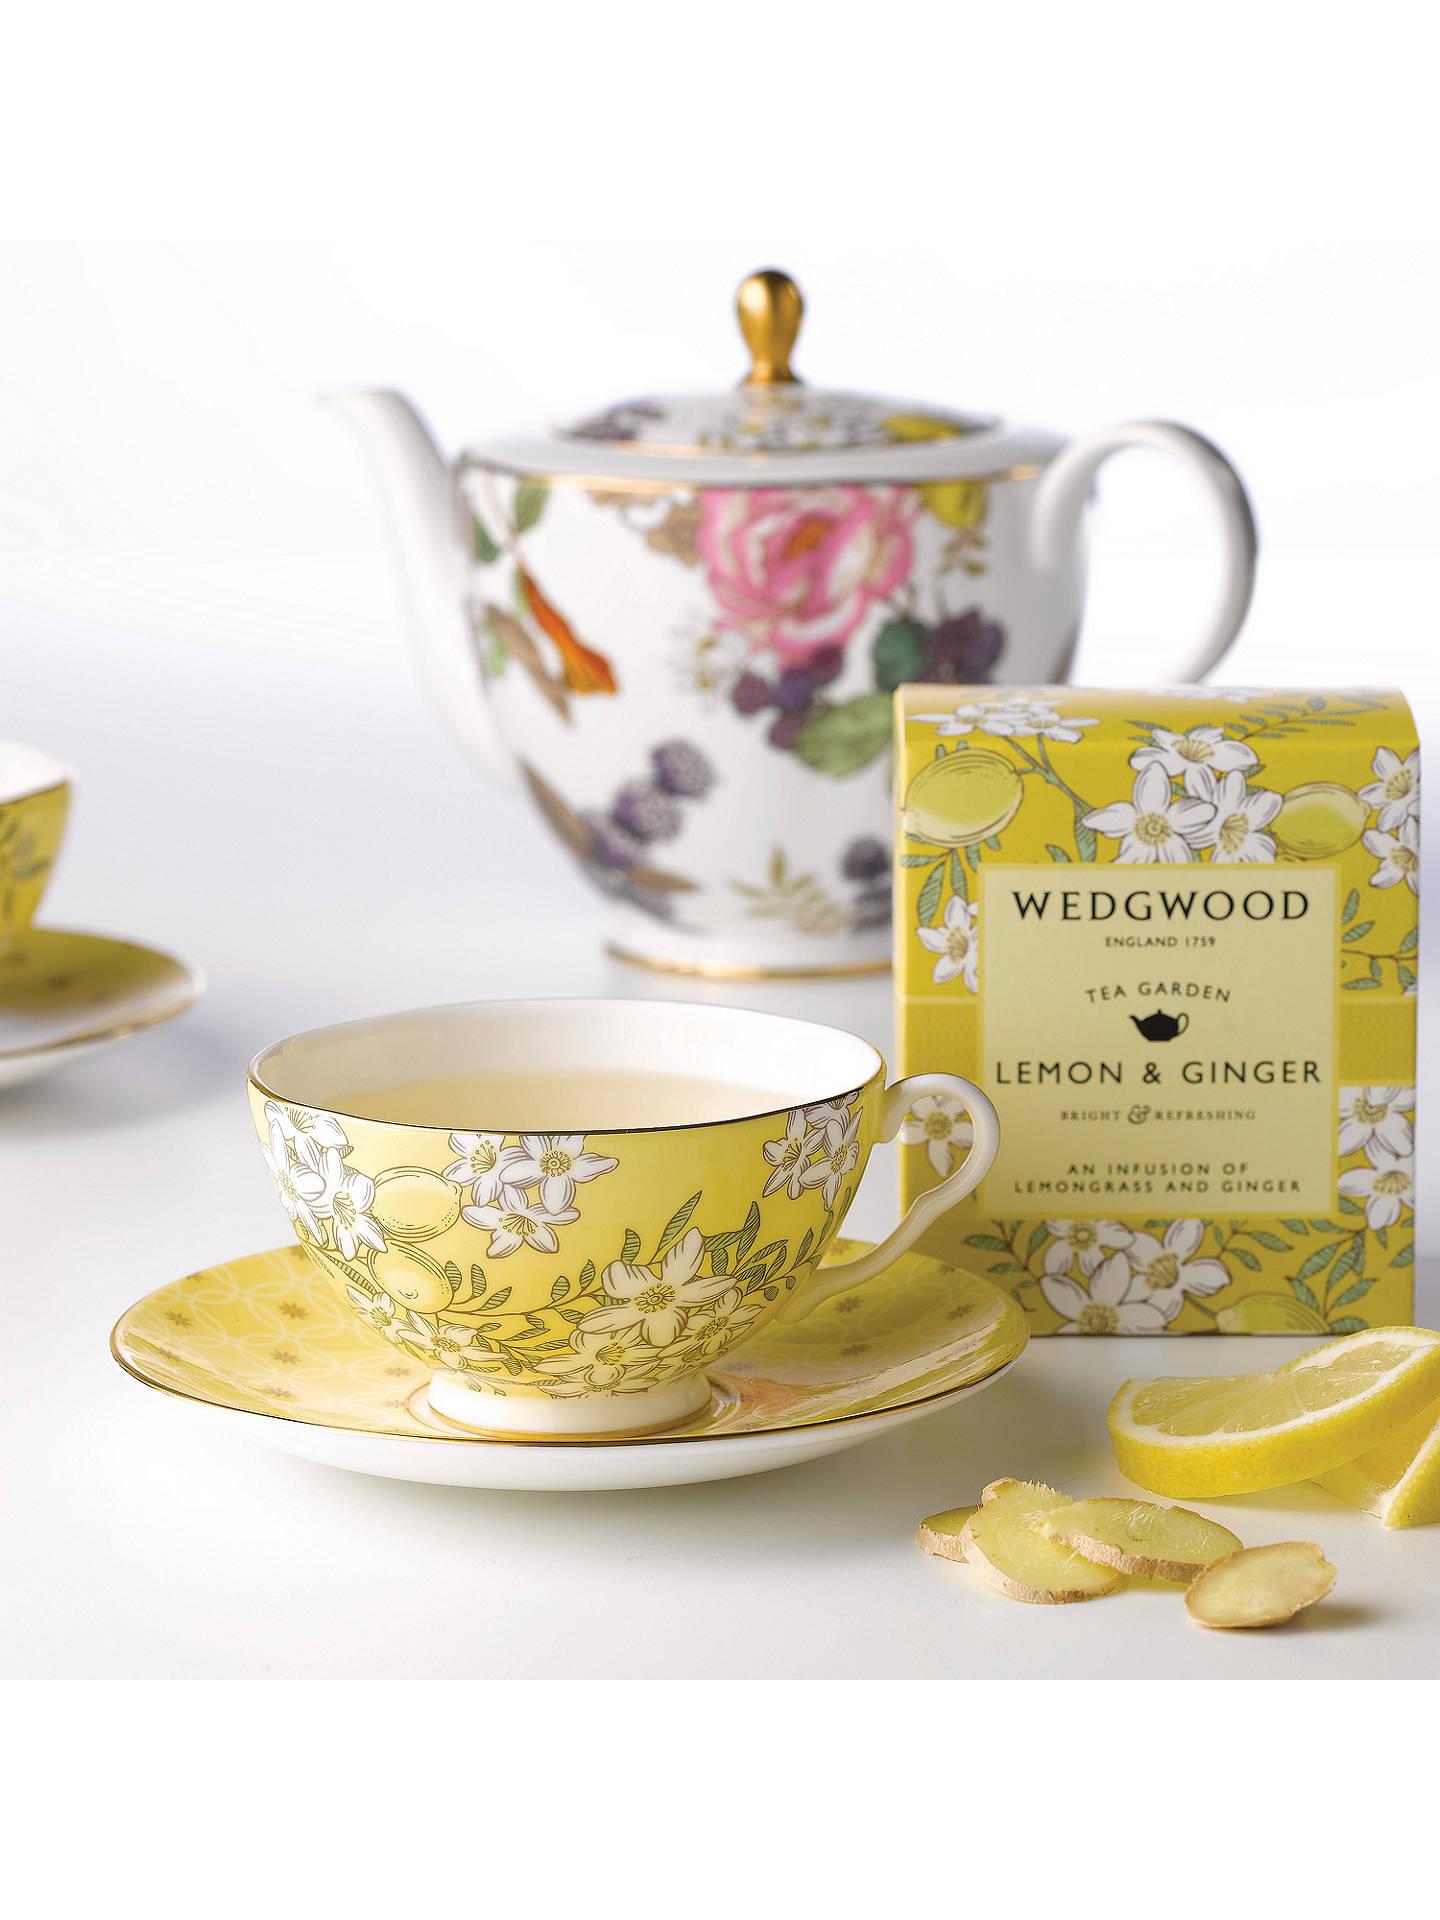 Wedgwood Tea Garden Lemon And Ginger